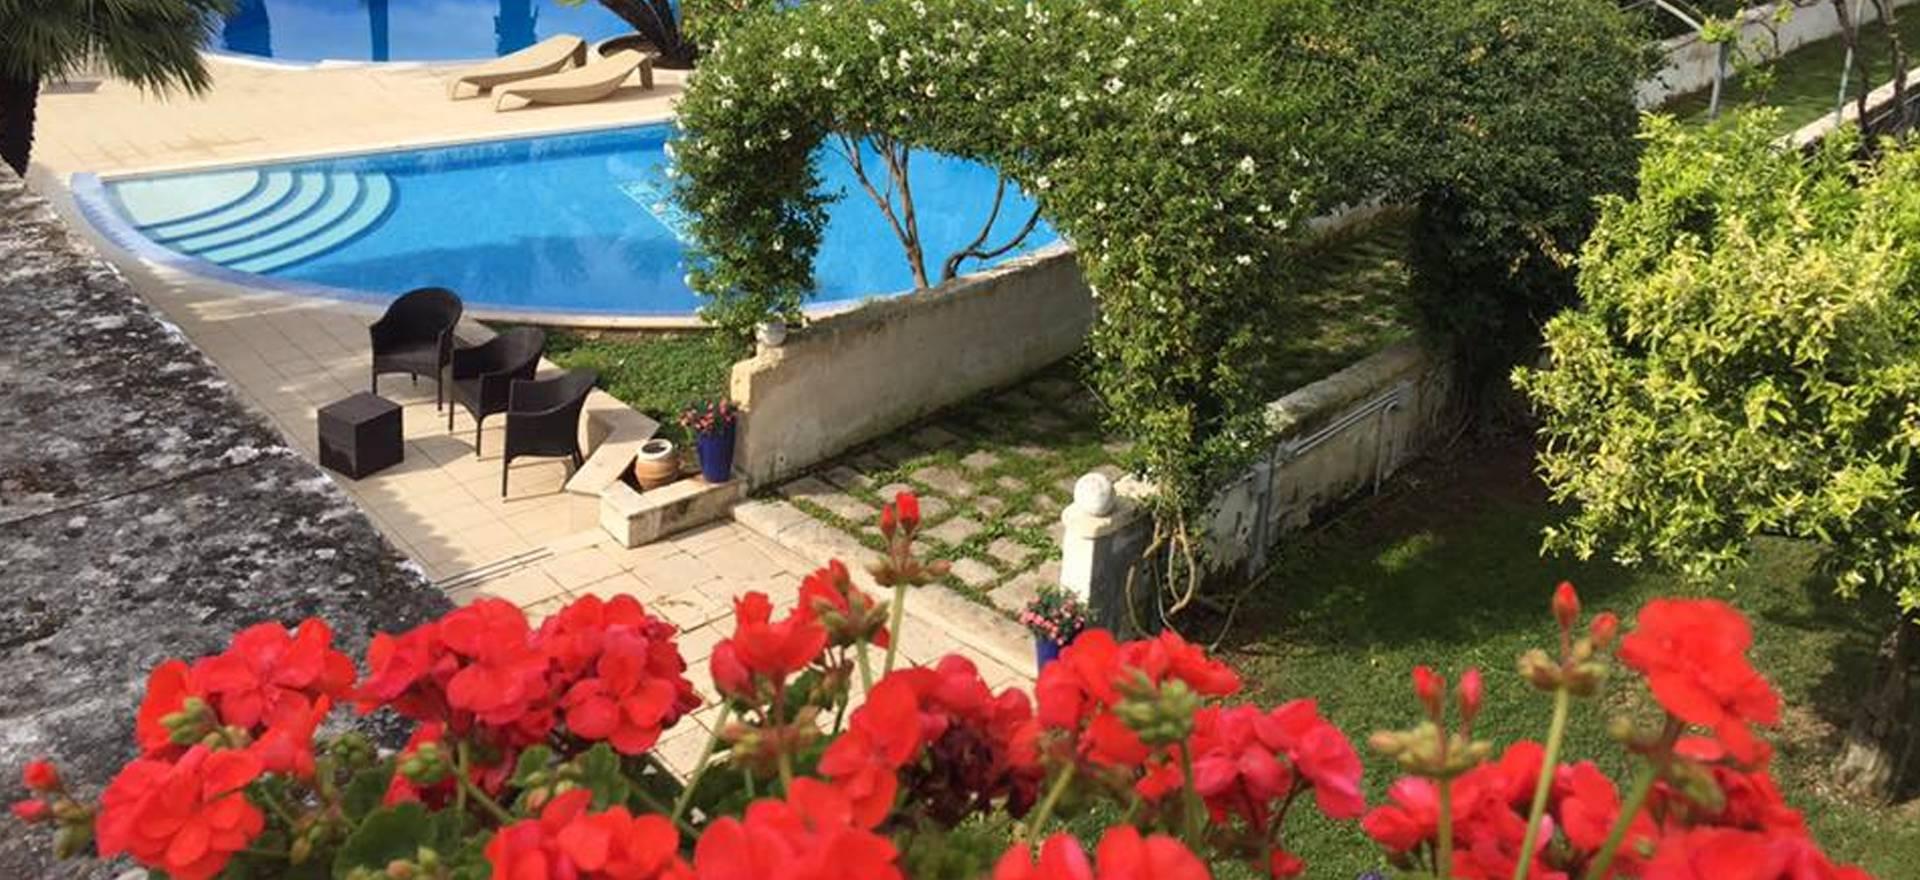 Karakteristieke agriturismo met fantastisch zwembad in Puglia